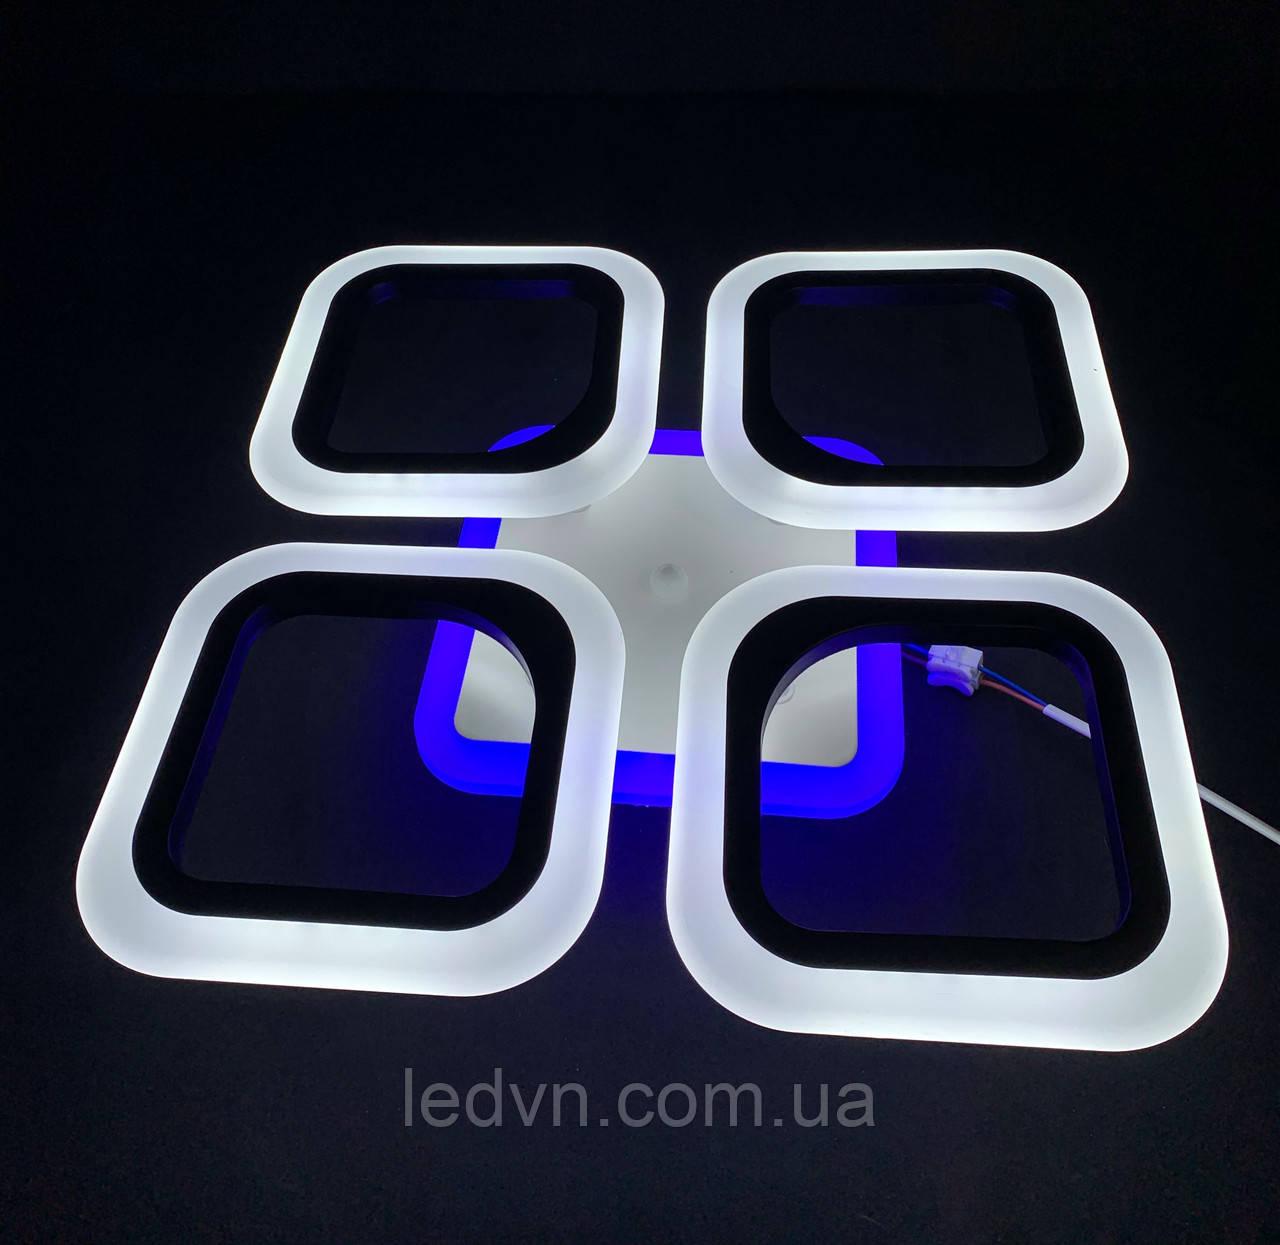 Светодиодная  люстра на 4 квадрата черная 55 ватт